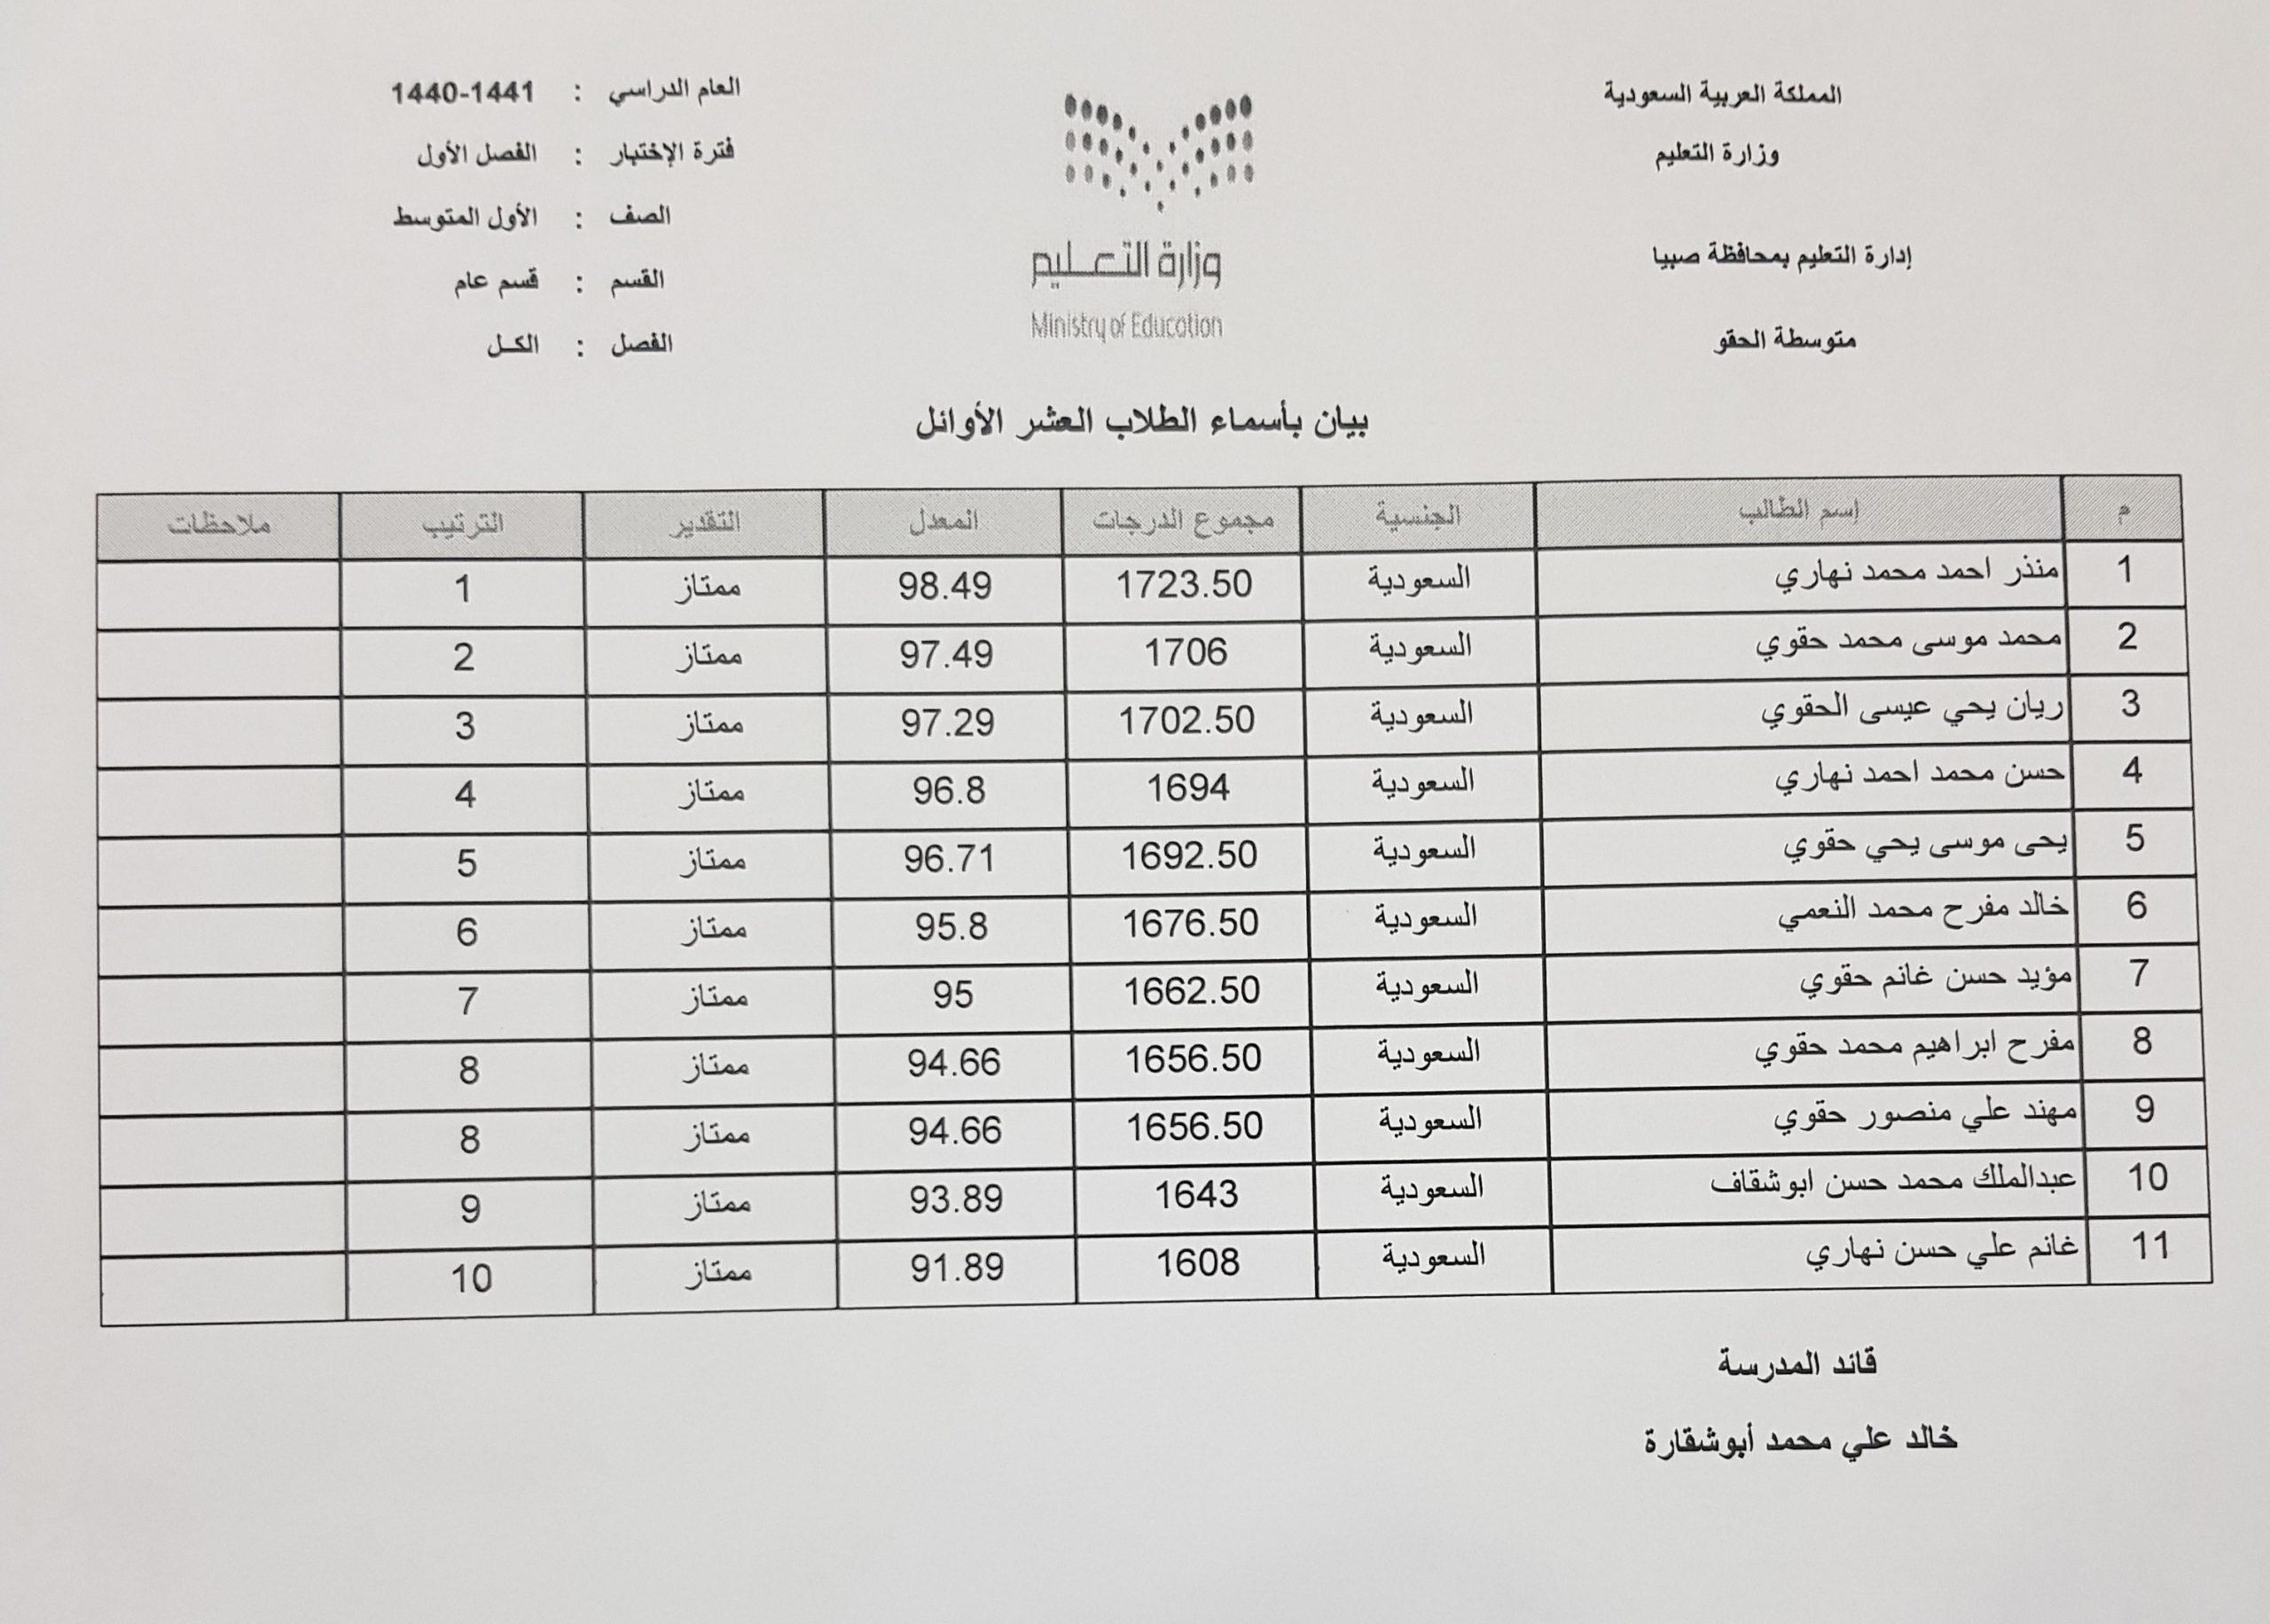 ترقيات وزارة التعليم من الخامسة الى السادسة 1440